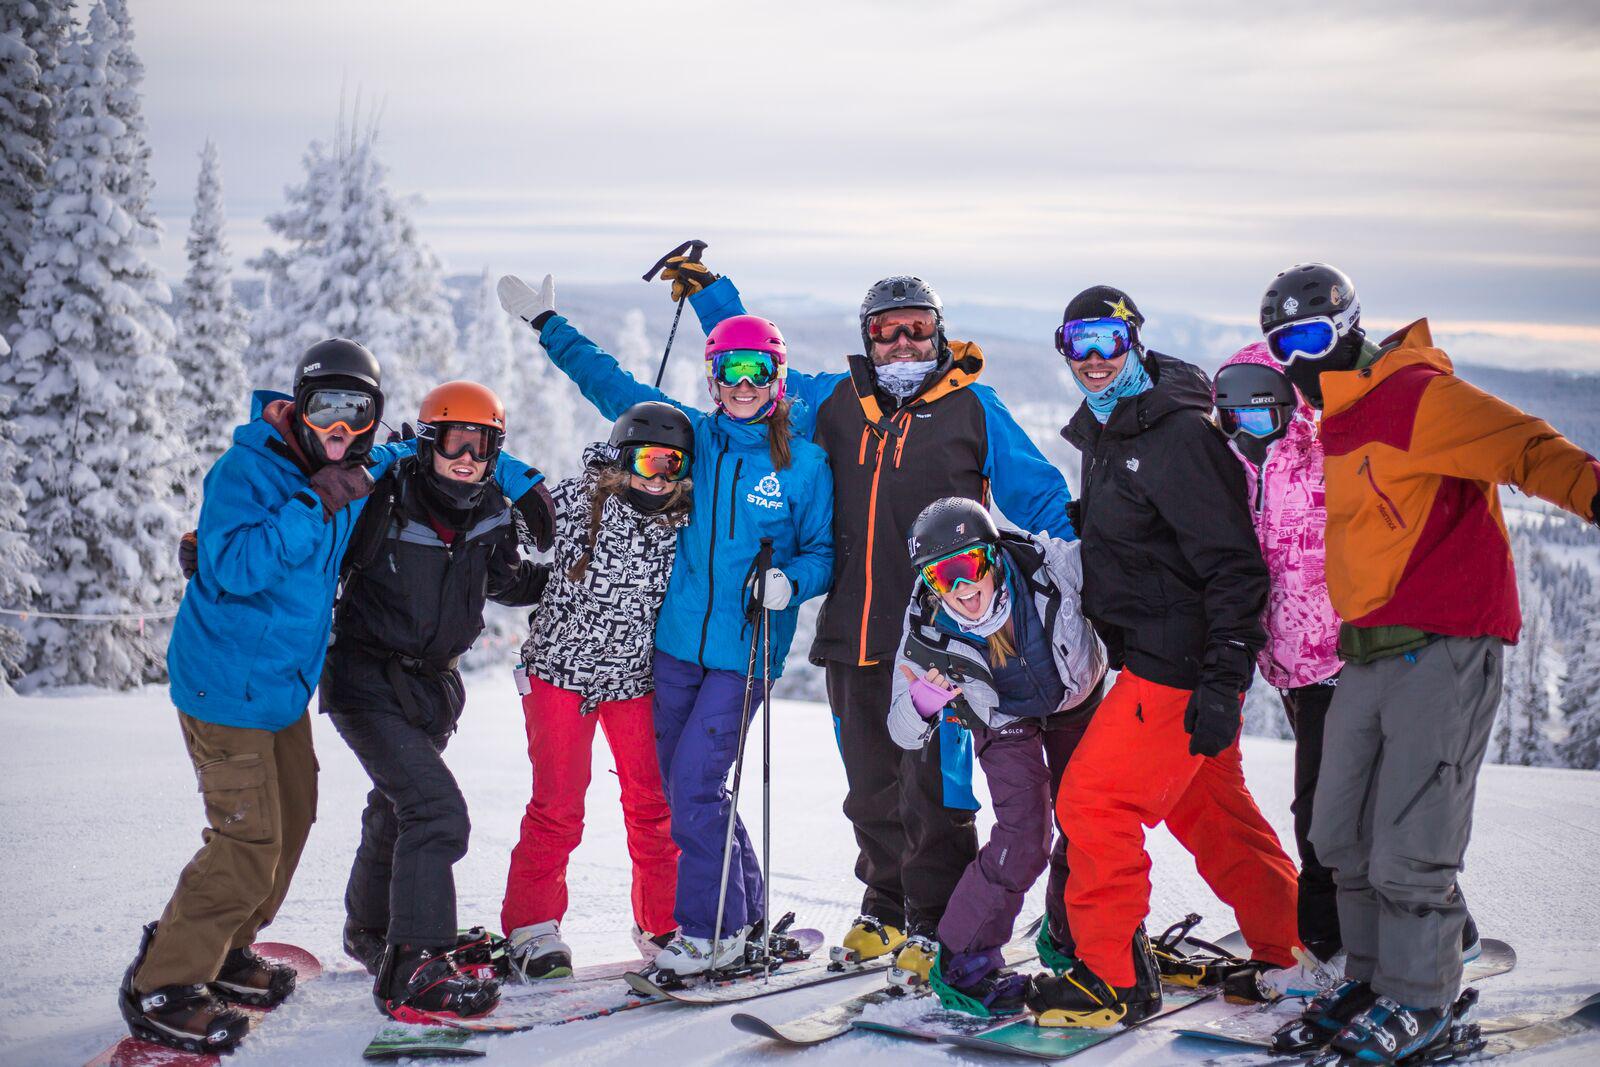 skisnowboardtrips